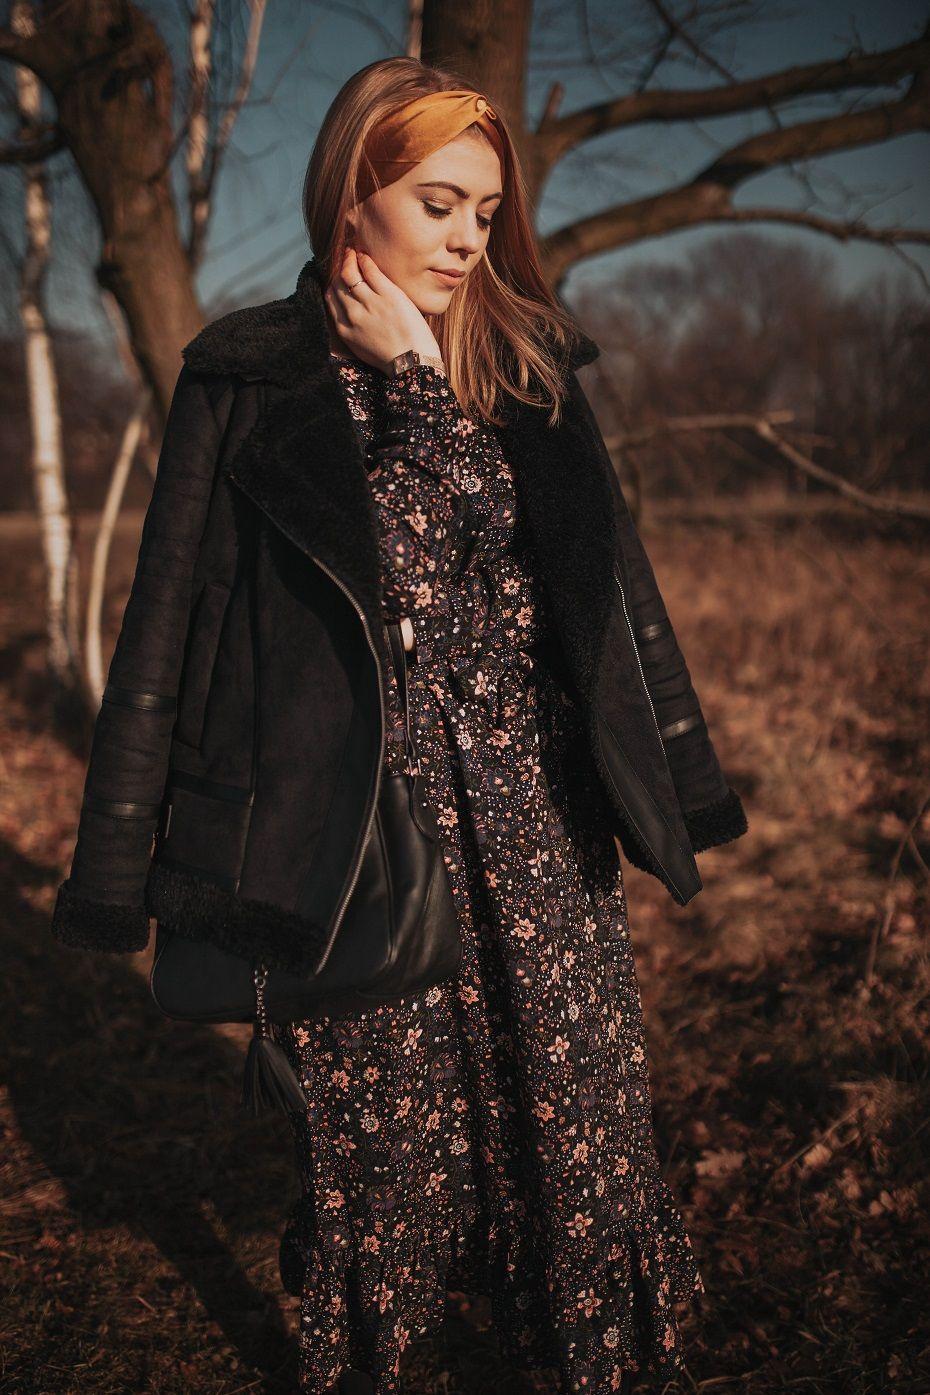 Sukienka W Kwiaty Wiosenna Stylizacja Carry Rozalia Fashion Victorian Dress Style